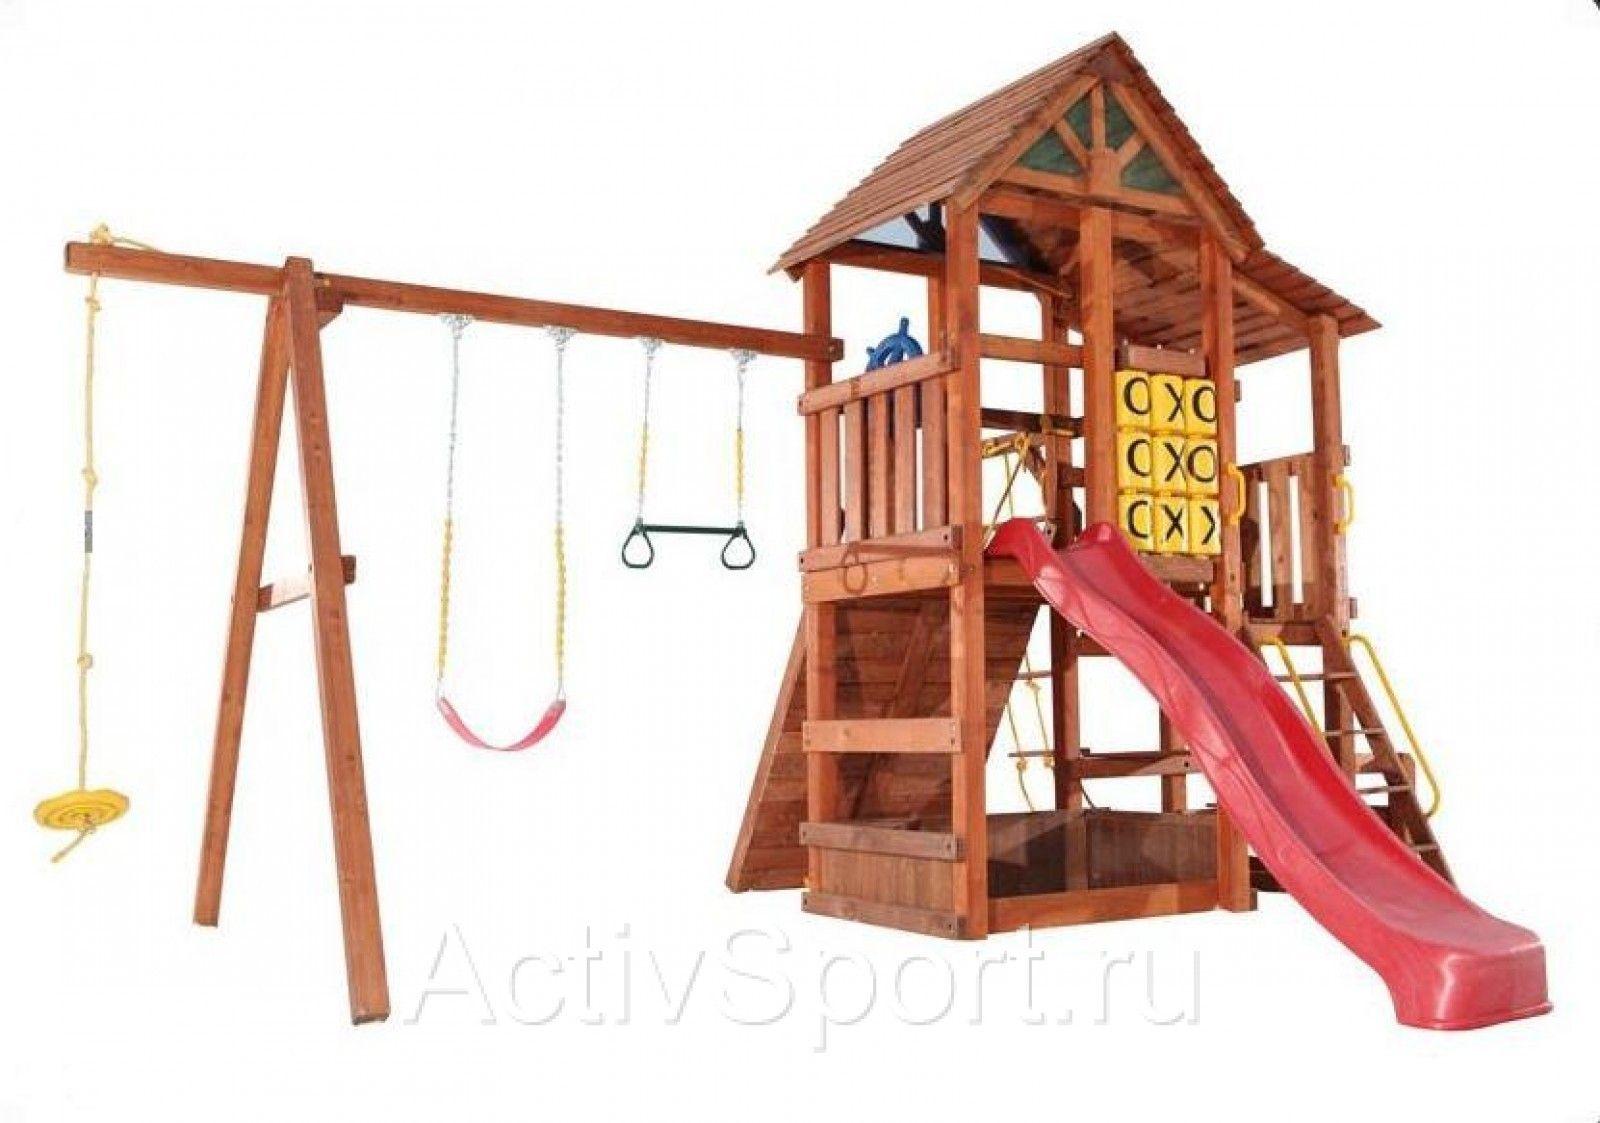 Как построить детский городок на даче своими руками фото